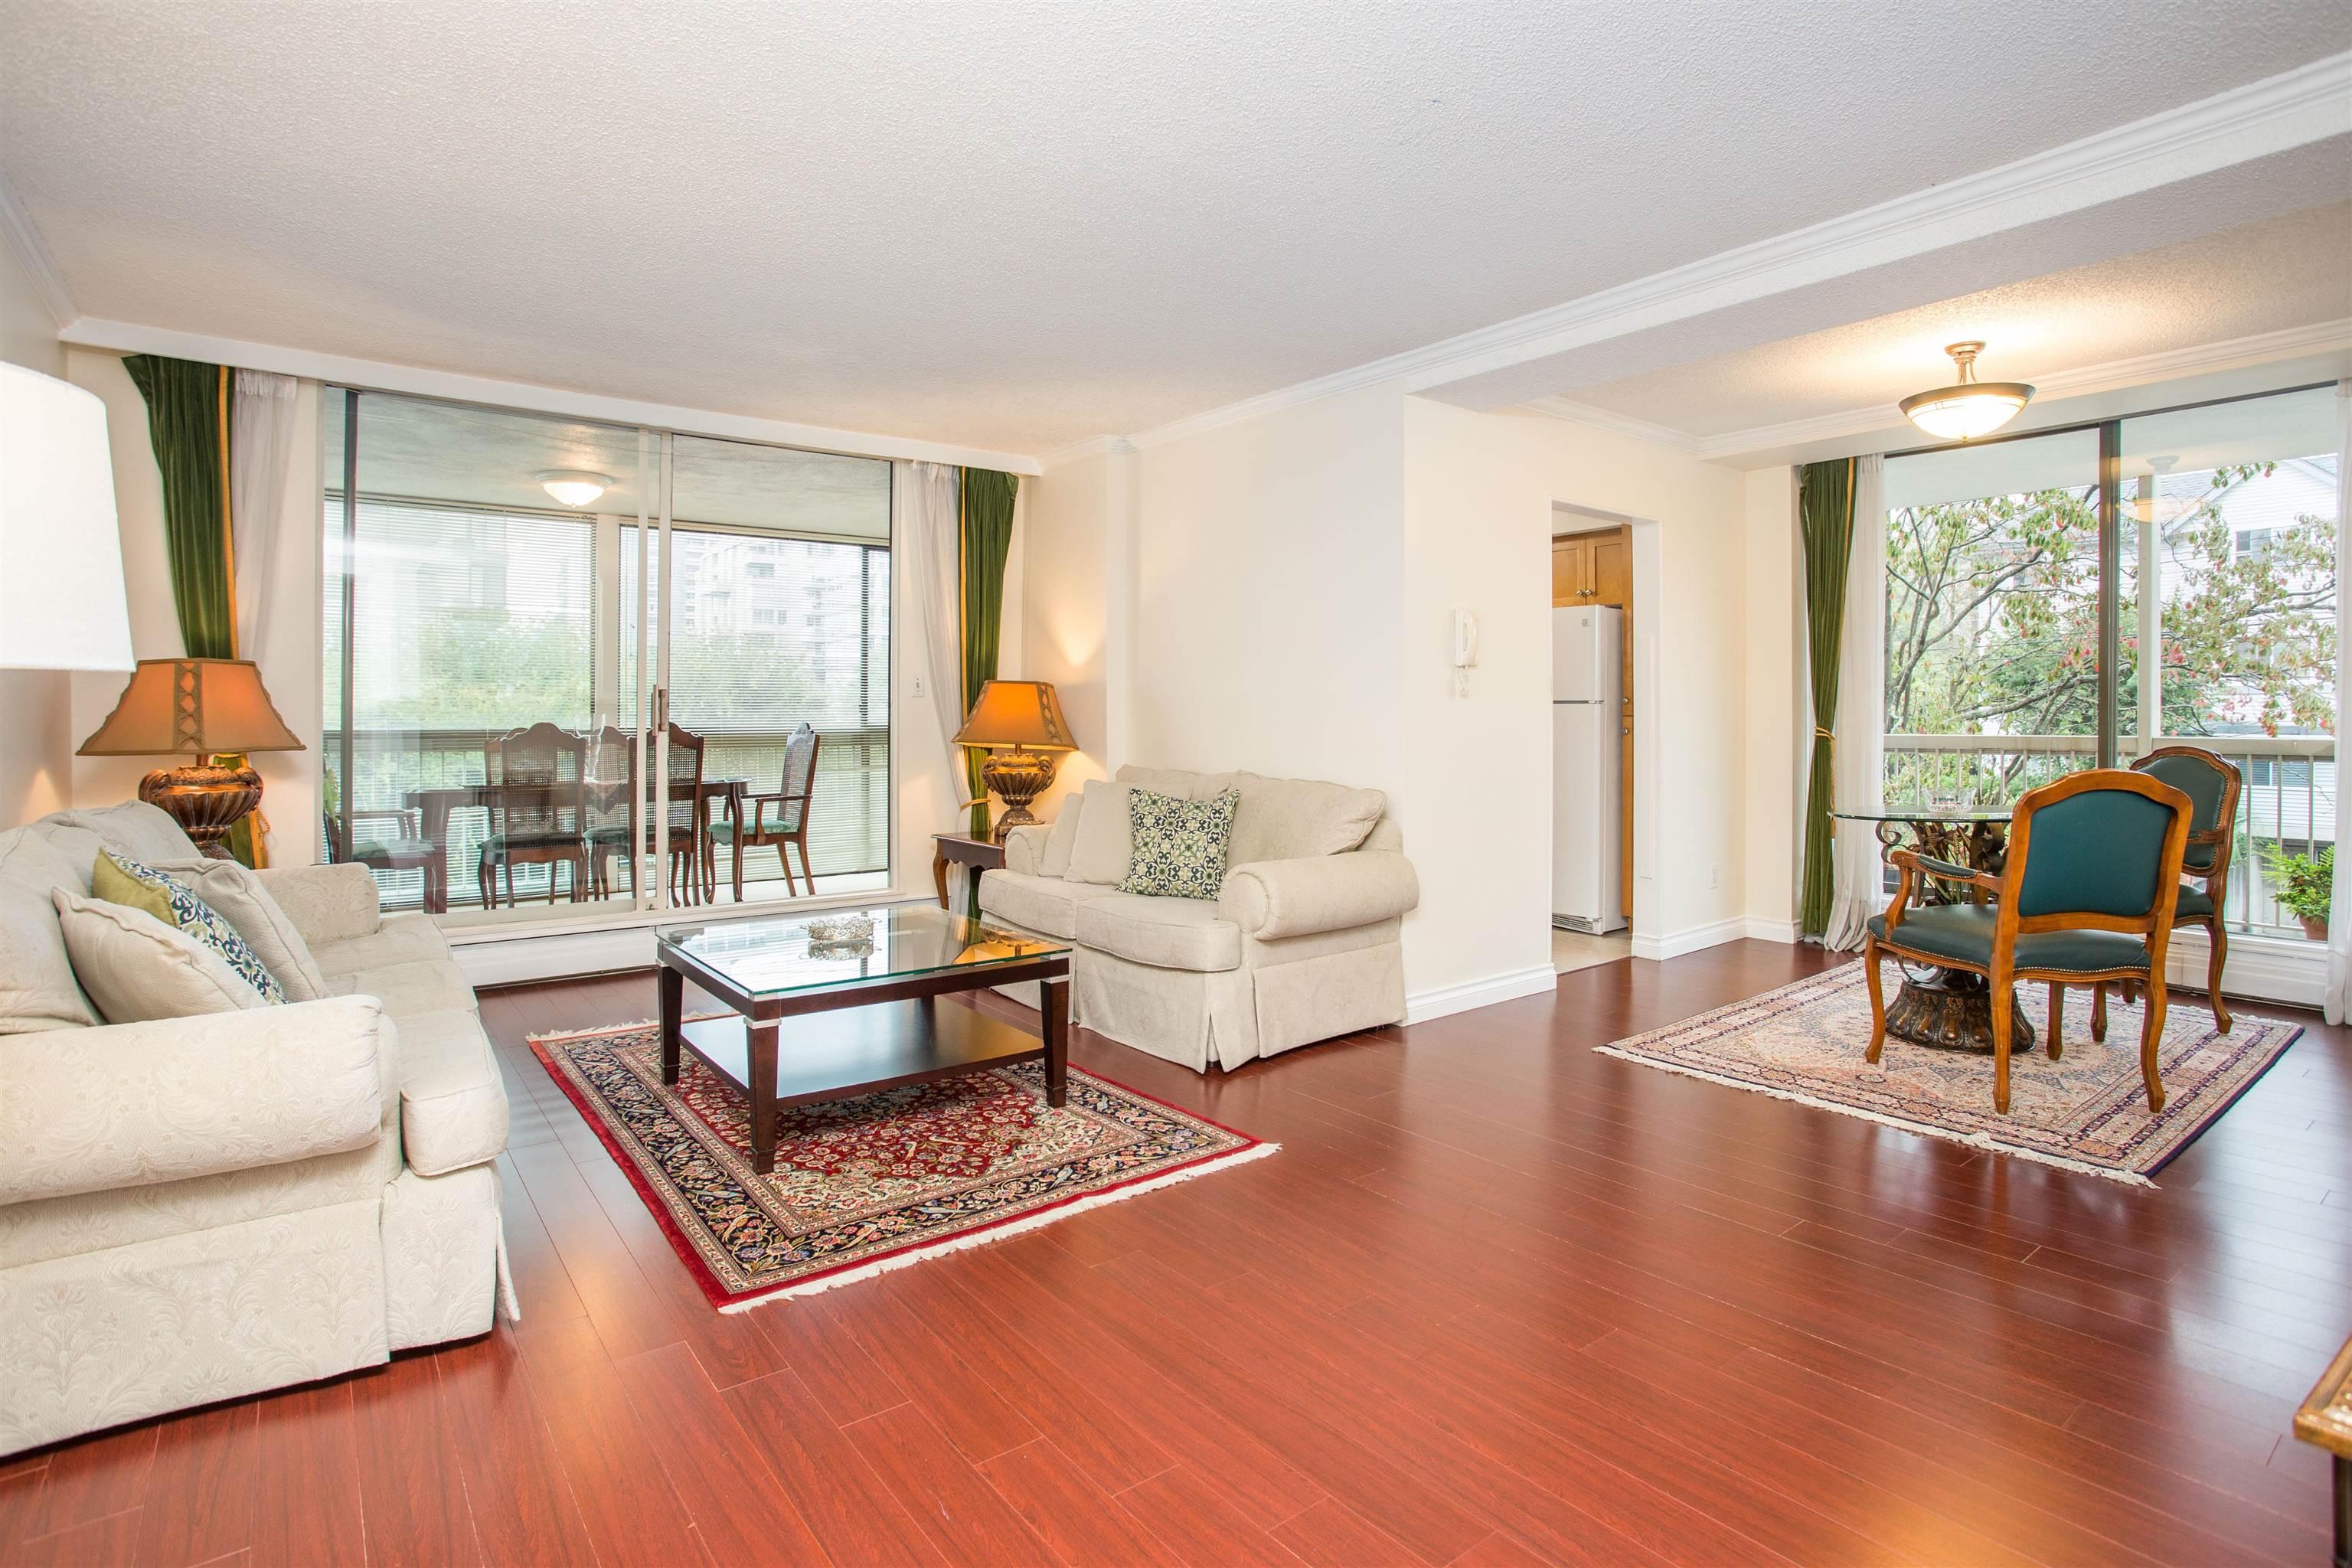 203 1390 DUCHESS AVENUE - Ambleside Apartment/Condo for sale, 1 Bedroom (R2611618) - #3